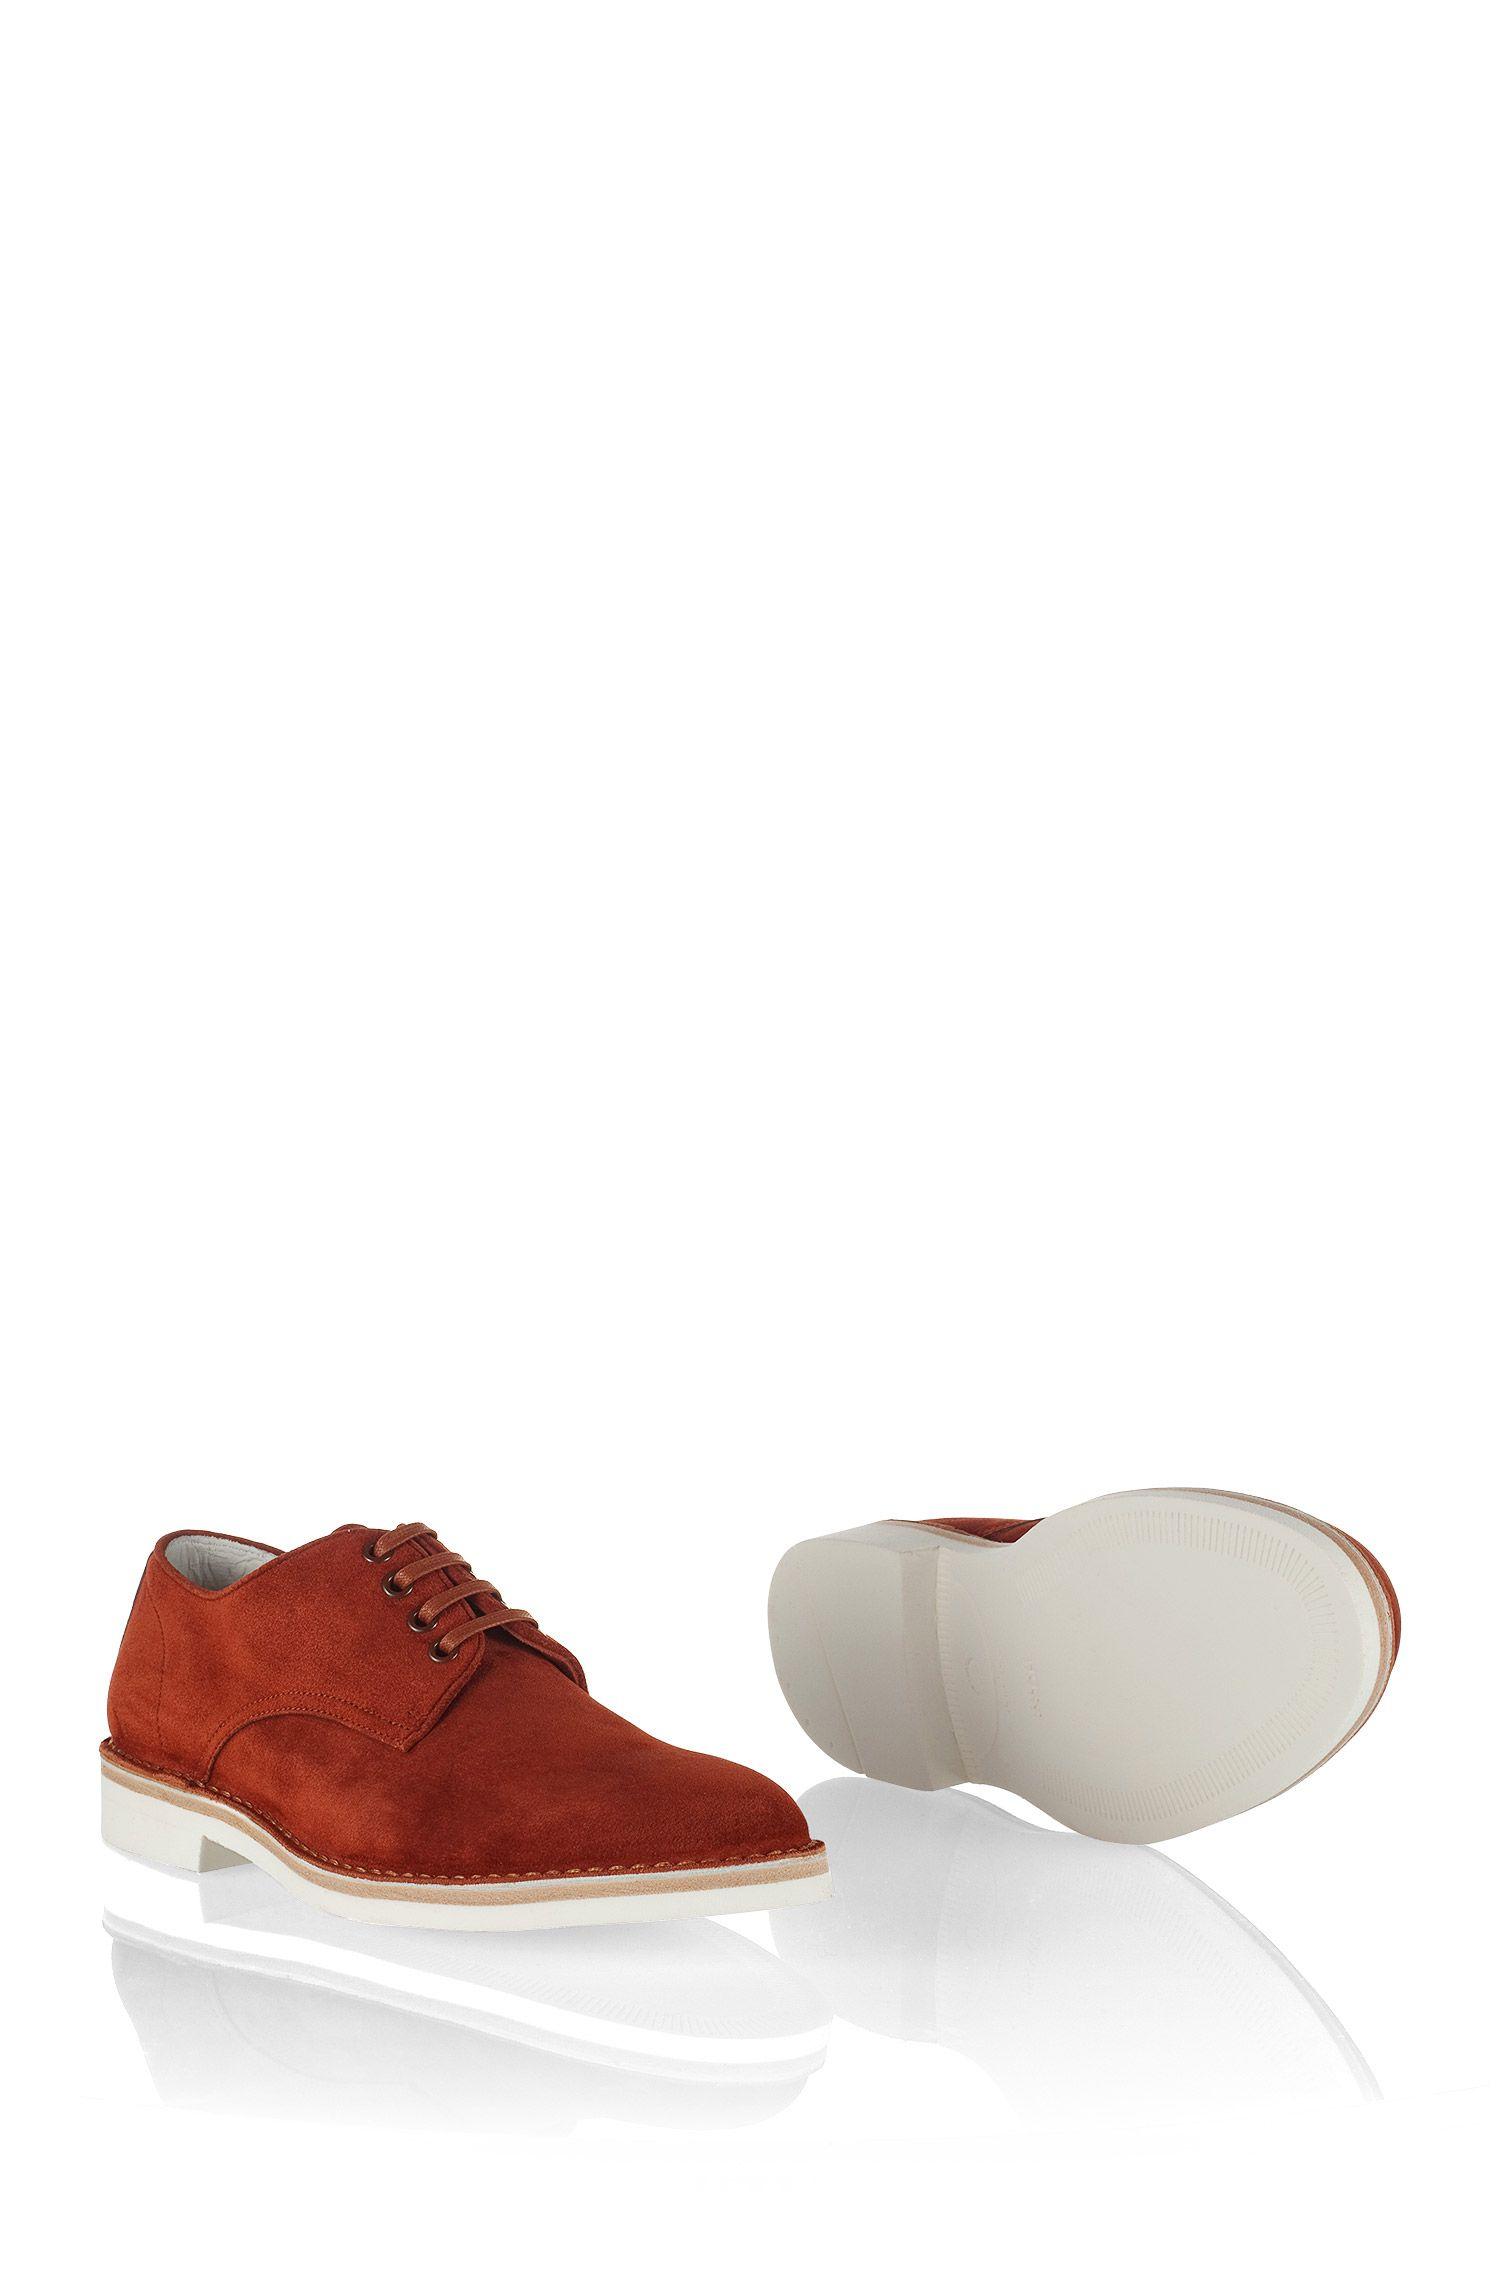 Freizeit-Schuh ´GRAMMOR` aus Leder